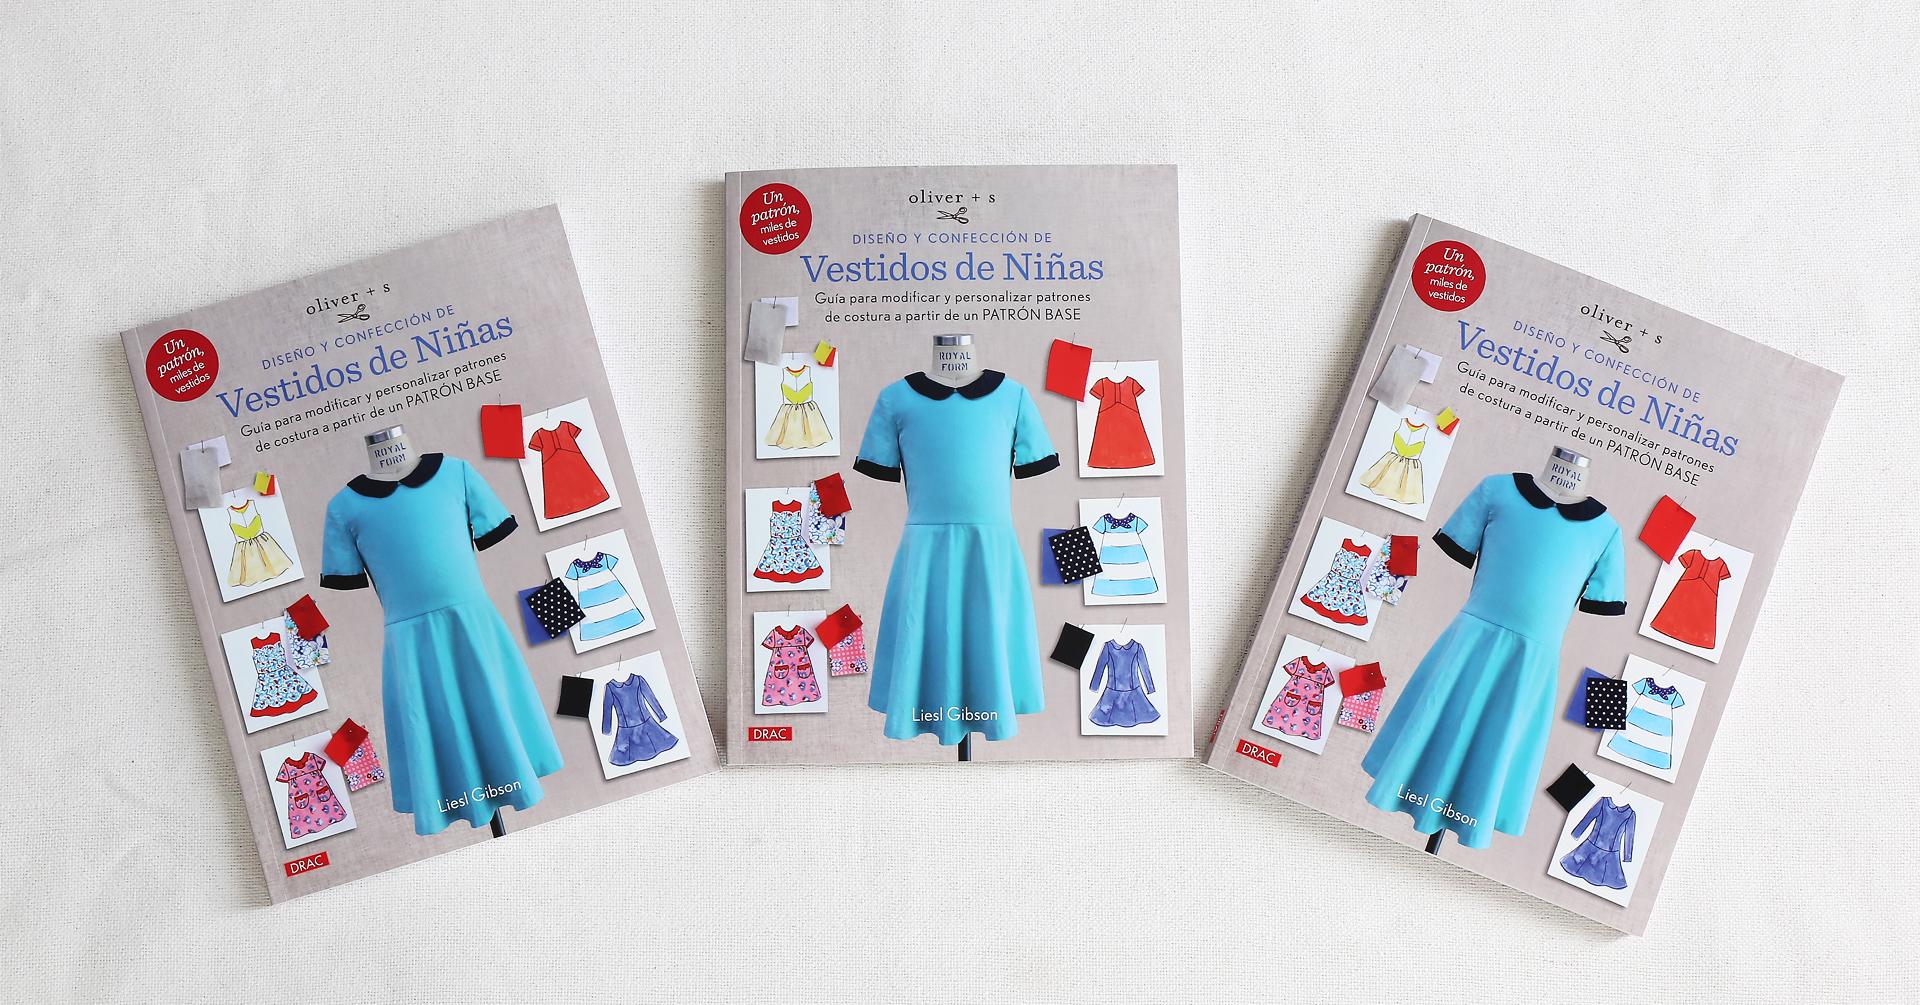 Oliver + S Diseño Y Confección De Vestido De Niñas | Blog | Oliver + S